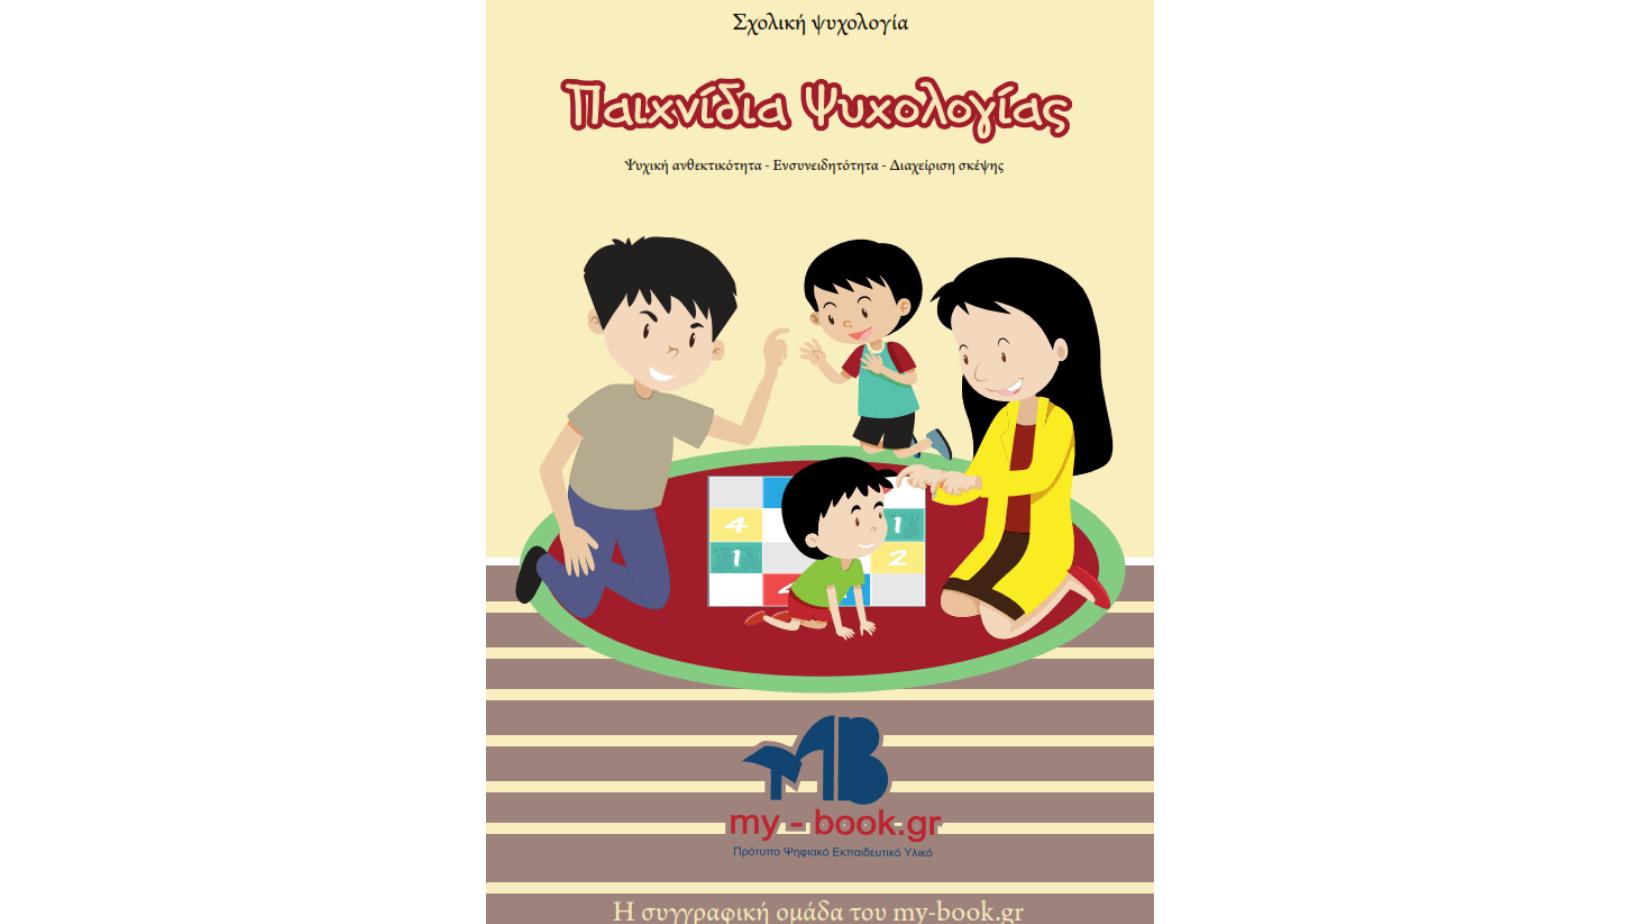 παιχνίδια ψυχολογία mybook.gr